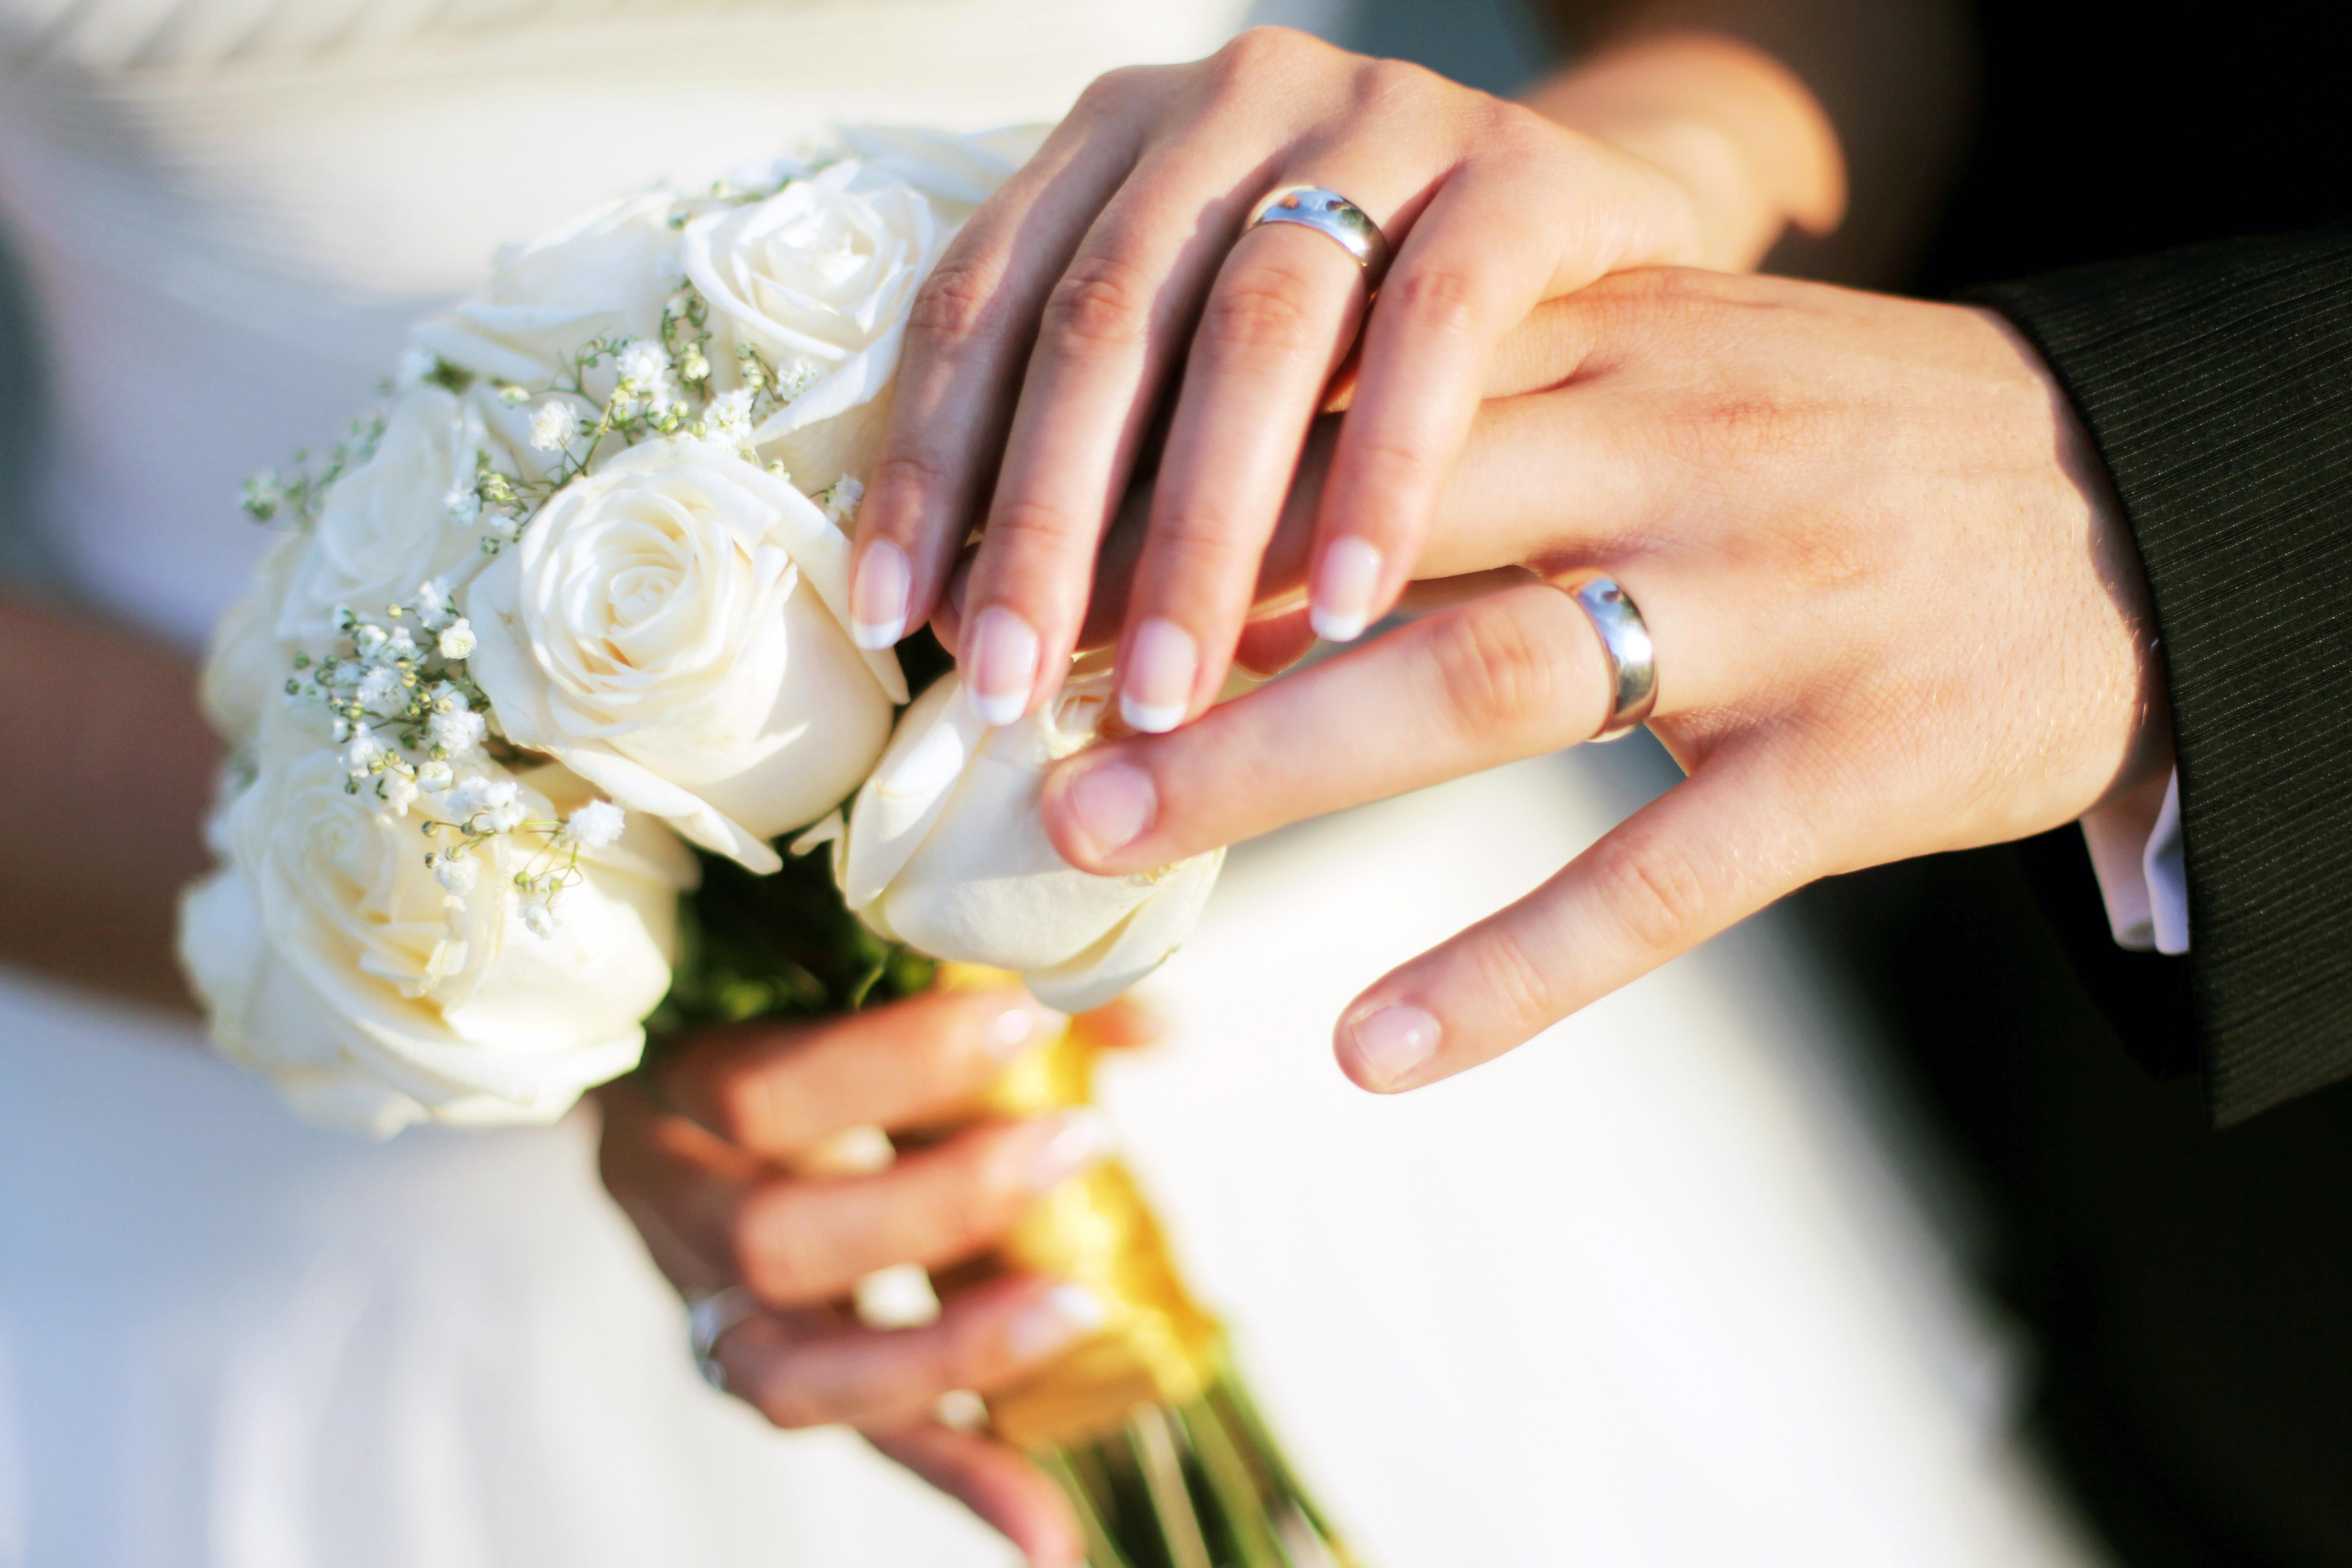 Dj til Bryllup, bryllupsbillede